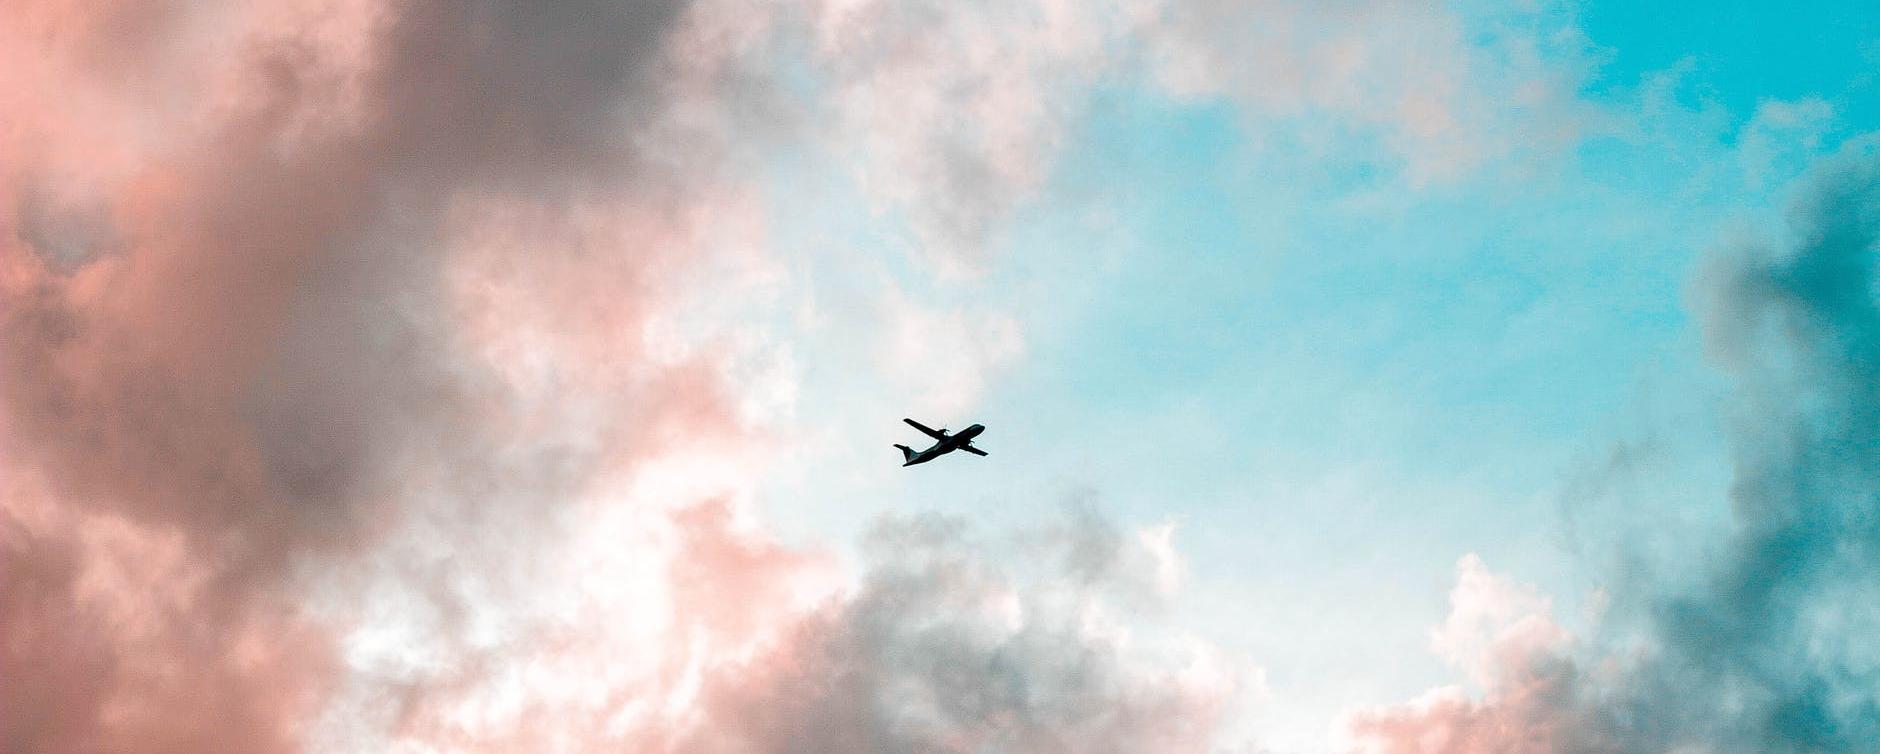 suivre un vol d'avion